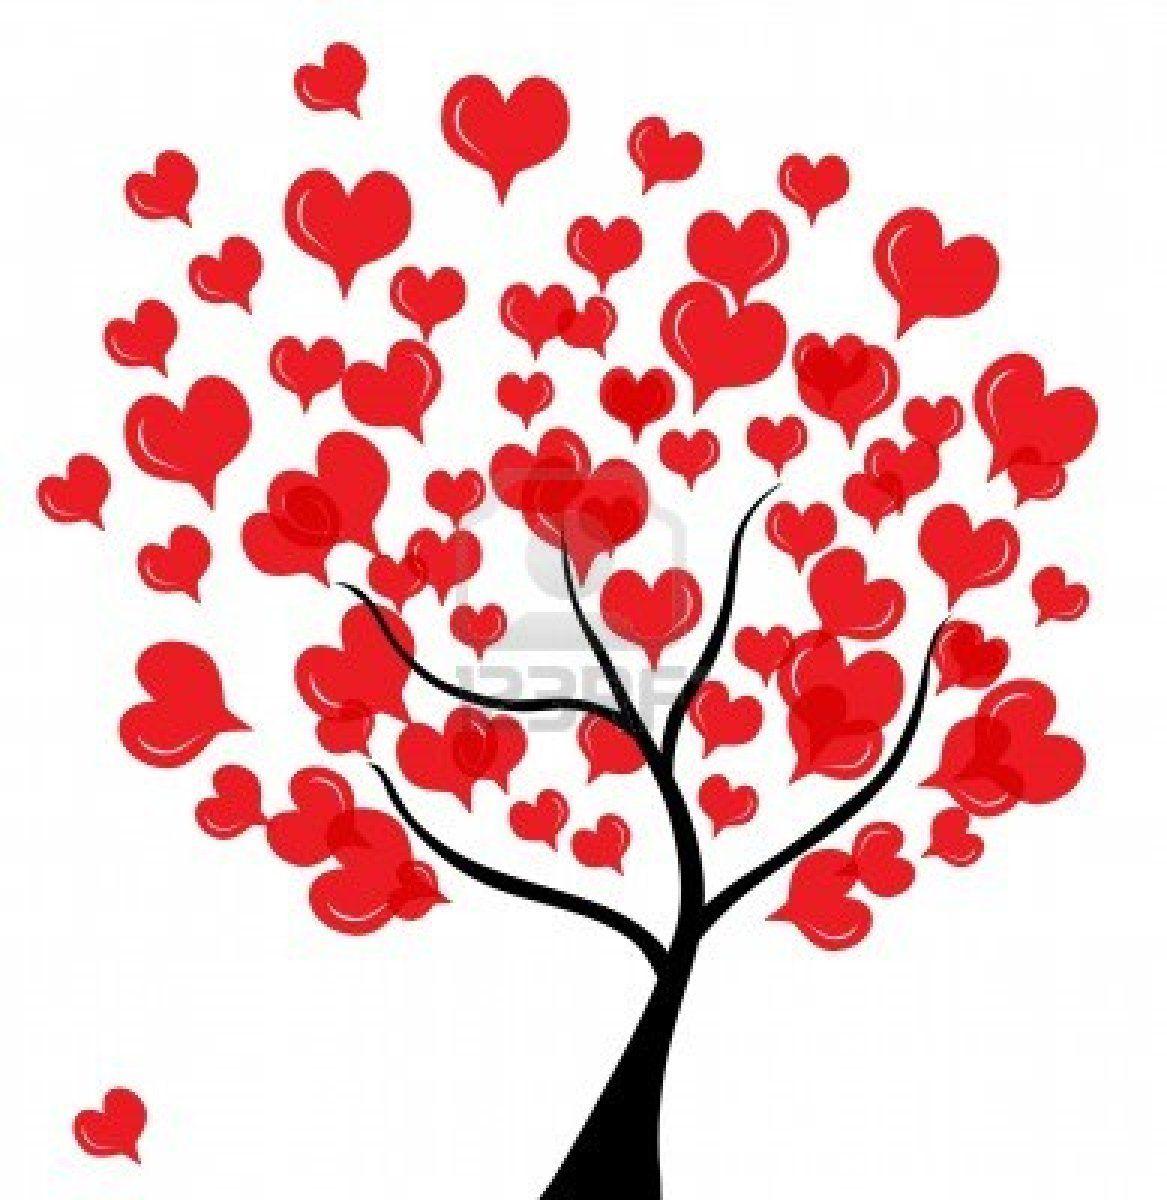 abstract-love-baum-zum-valentinstag-in-farben-rot-schwarz ...